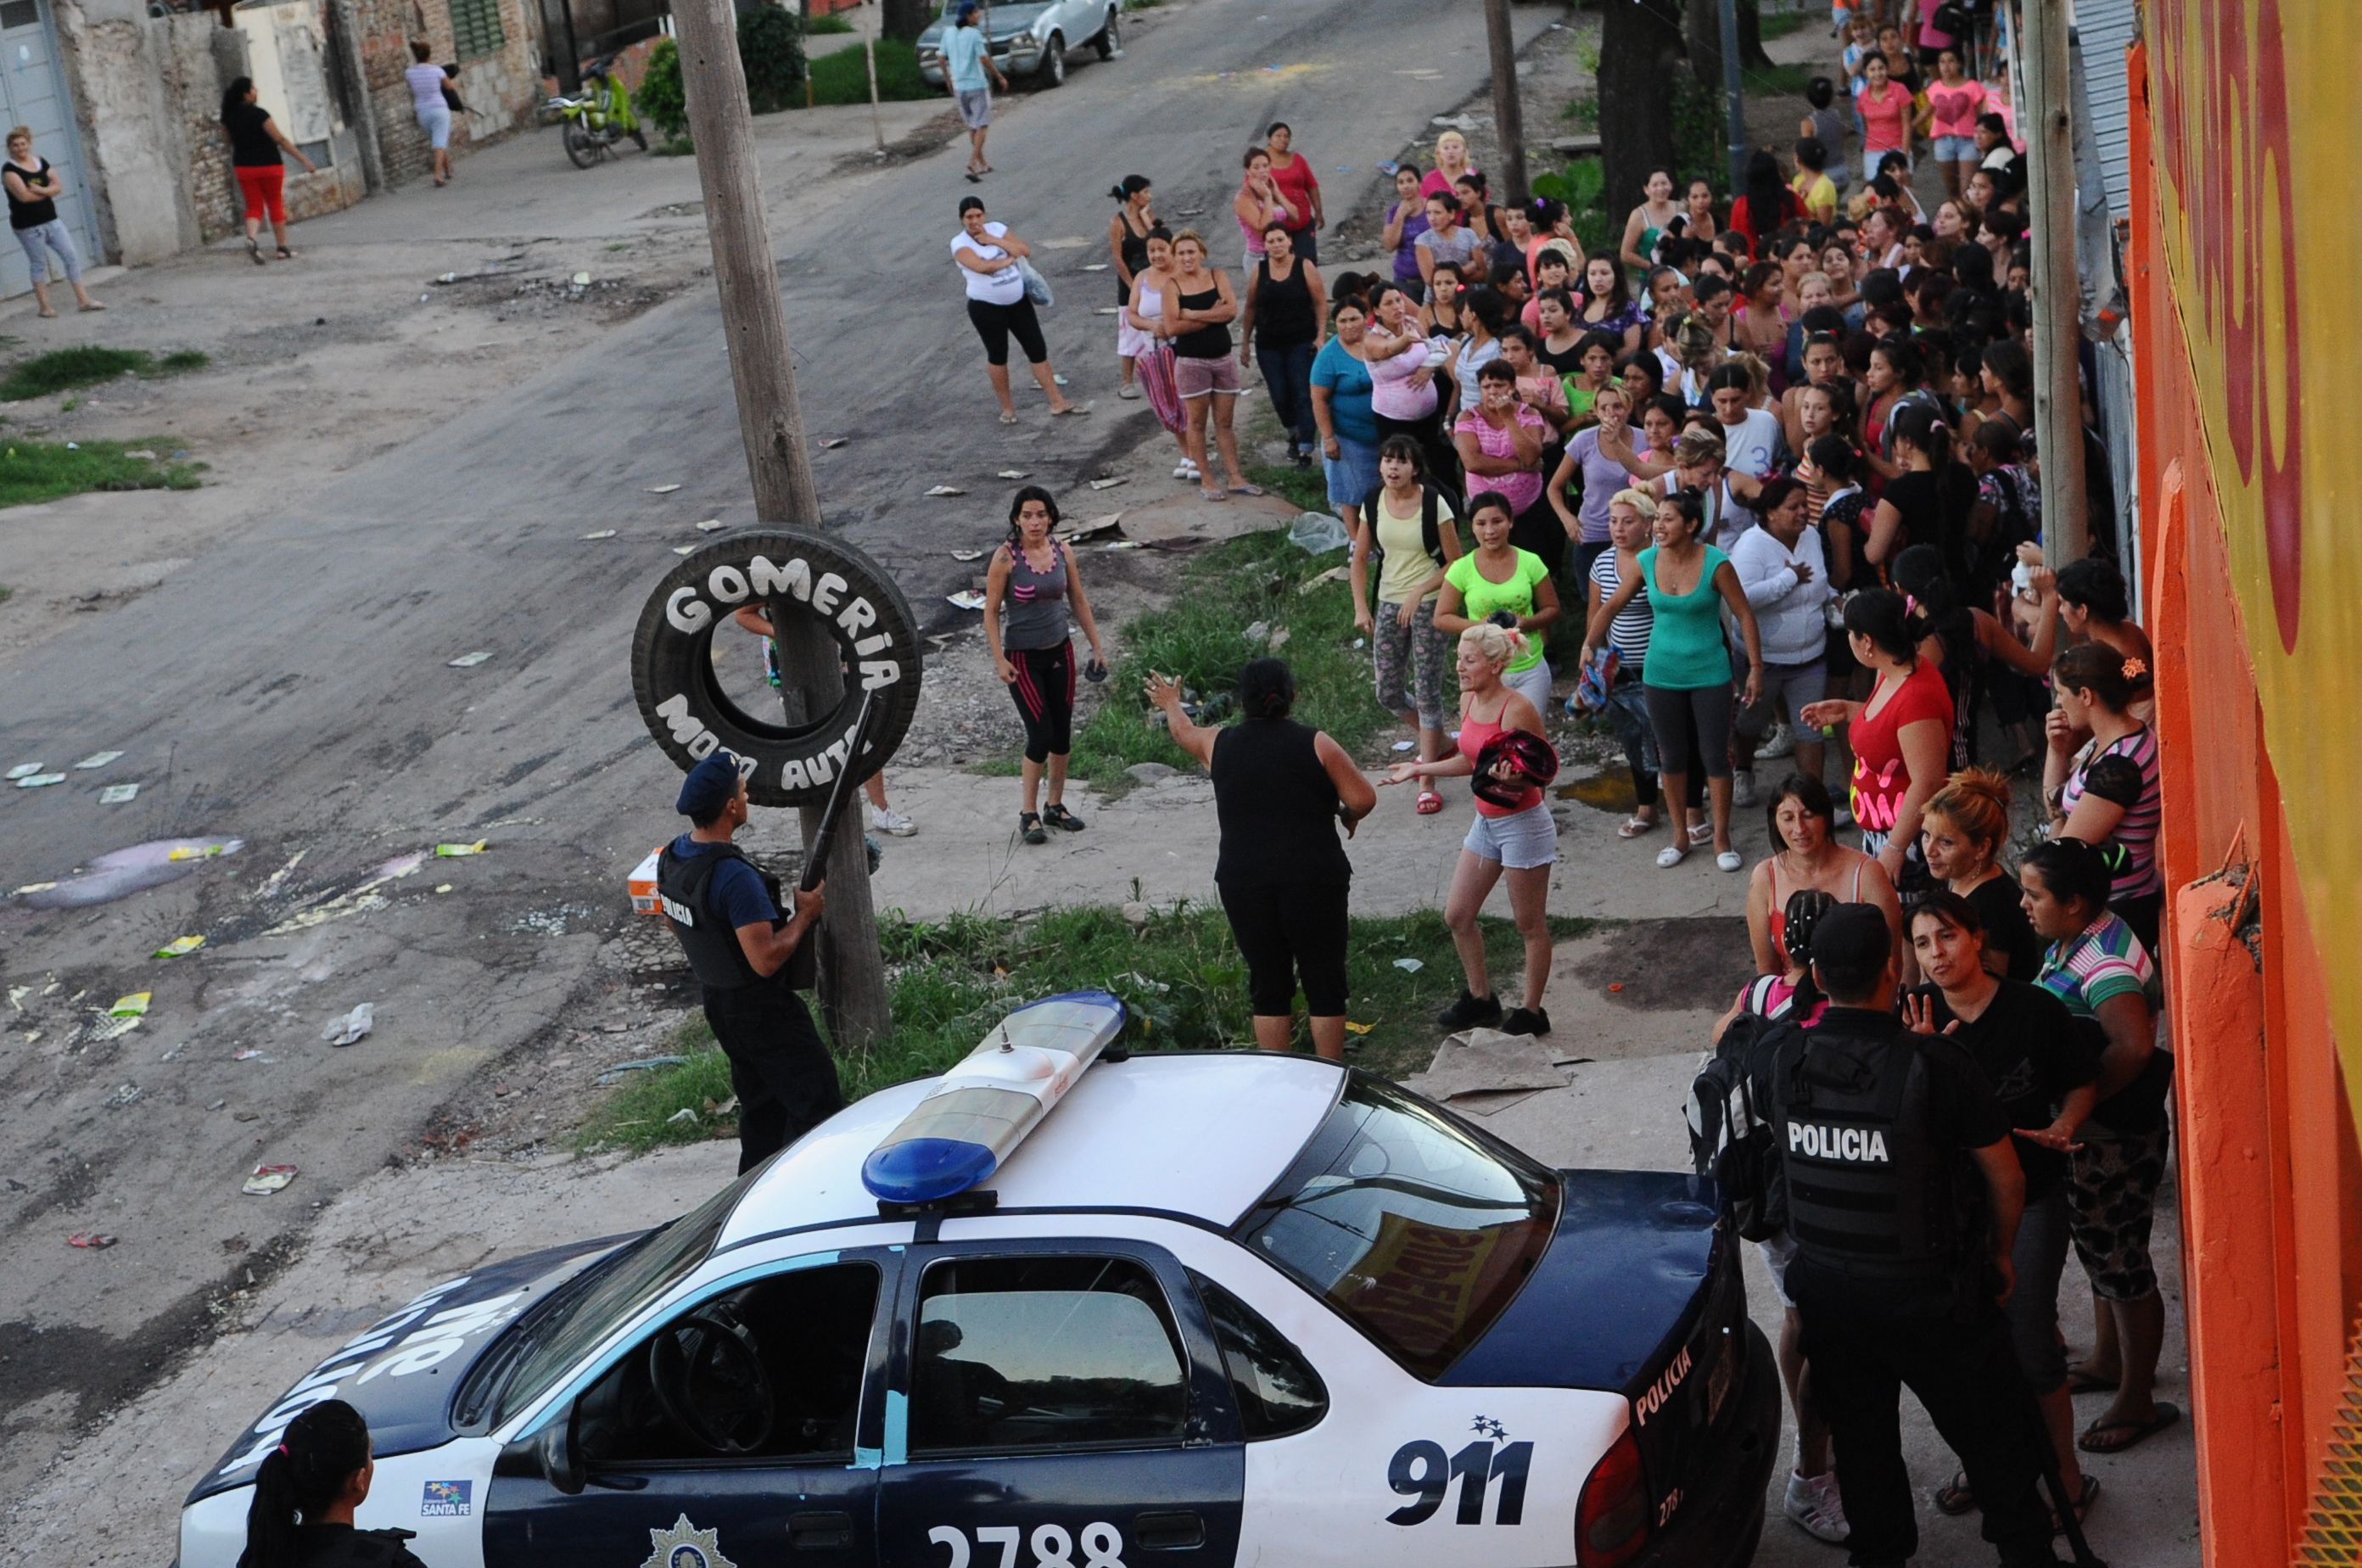 Fein insistió en que hubo instigadores pero defendió el accionar policial. (Foto: F.Guillén)